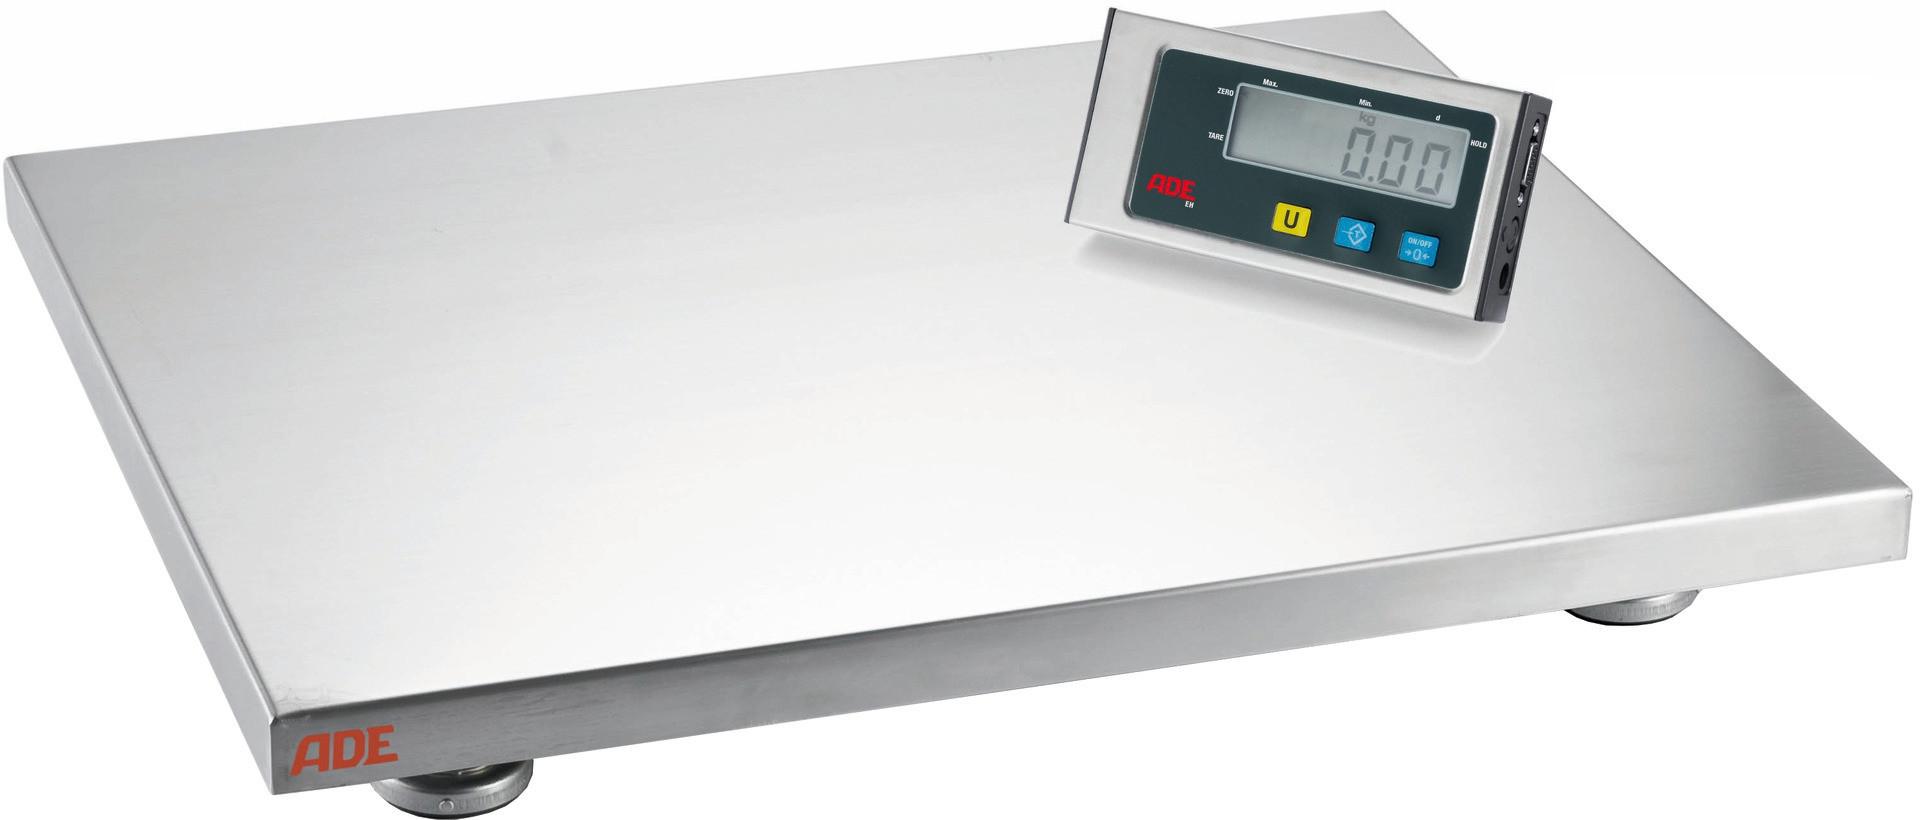 Plattformwaage 300,00 kg / Ziffernschritt 100 g / Wiegefläche 500 x 400 mm